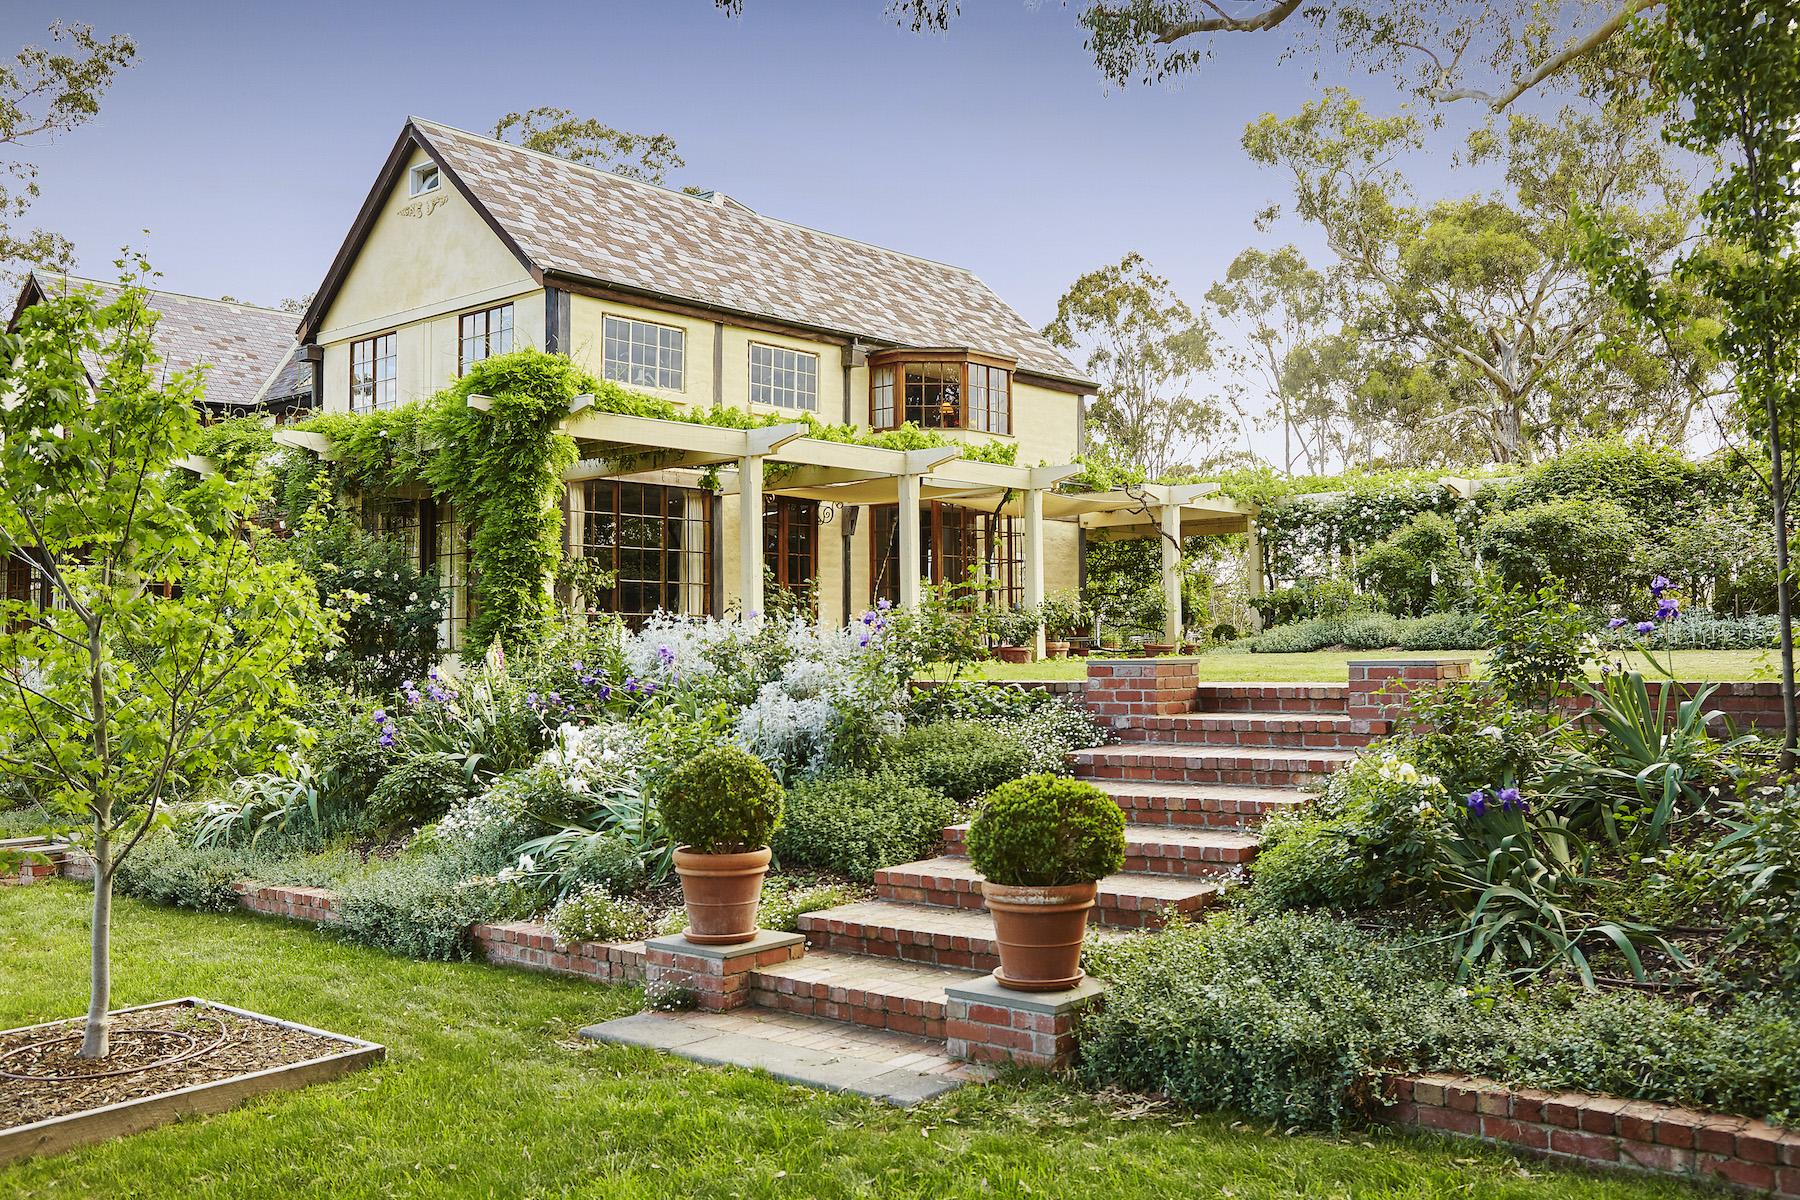 Altro tipo di proprietà per Vendita alle ore 93 Arthur Street, Eltham Melbourne, Victoria, 3095 Australia